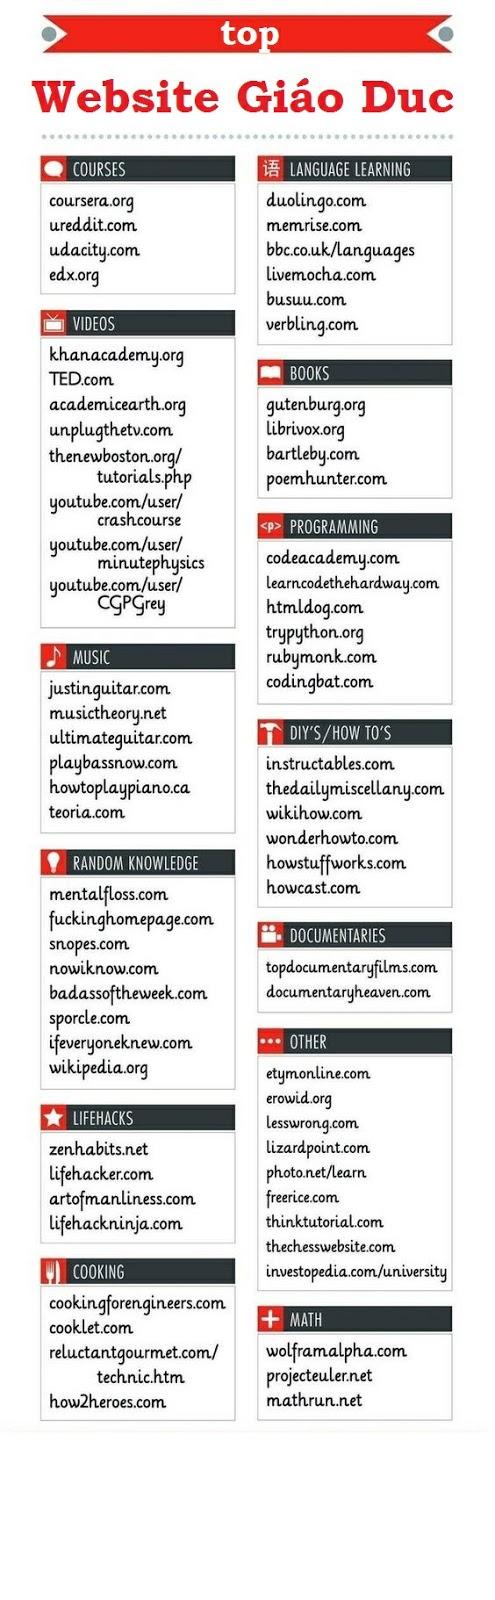 Top các website về giáo dục, tự học bằng tiếng Anh